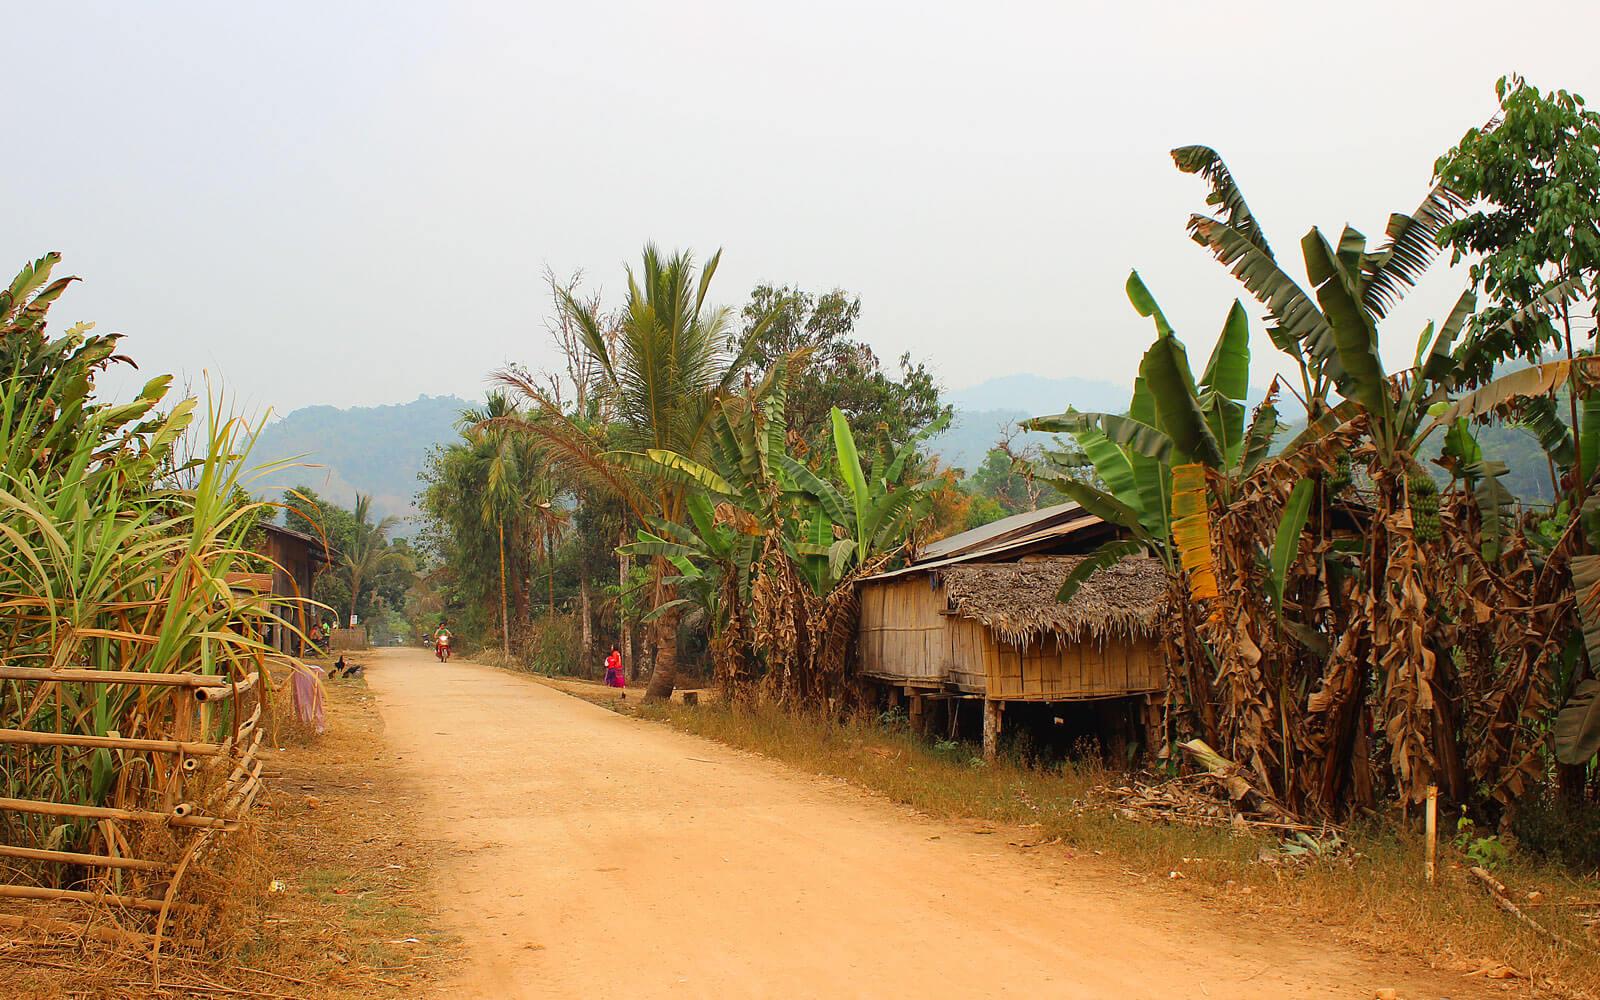 Starße zwischen Urwald und kleinen Dörfern